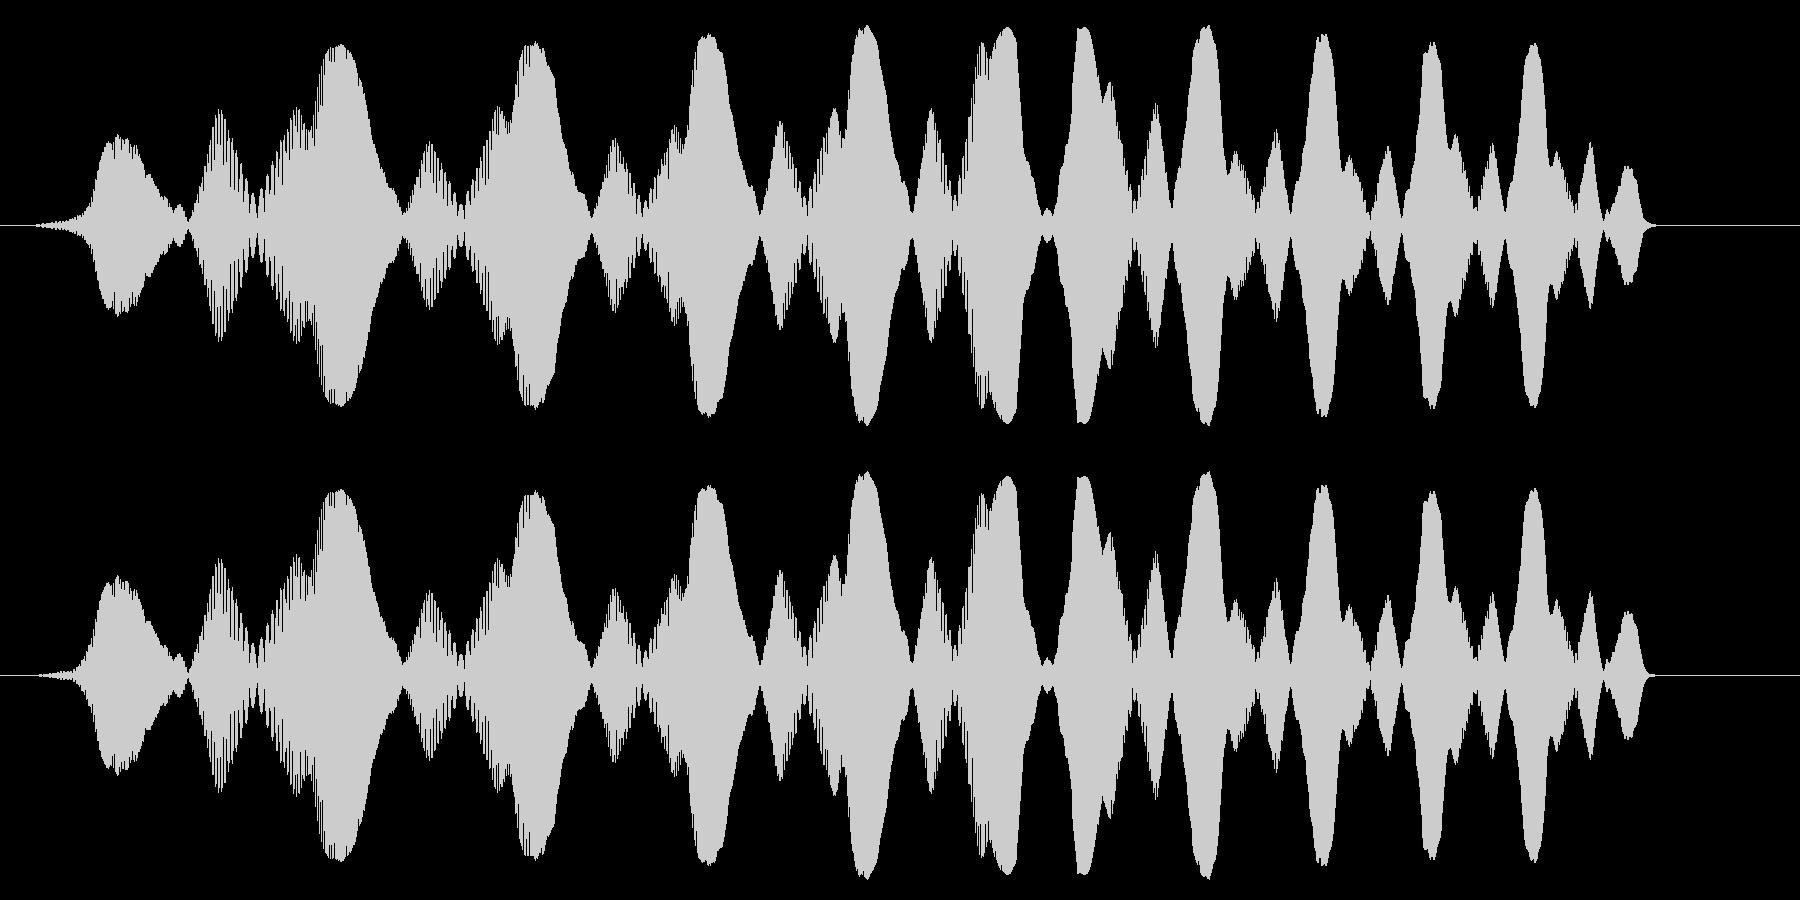 ぴよよよよ〜ん(コミカルなジャンプ音)の未再生の波形